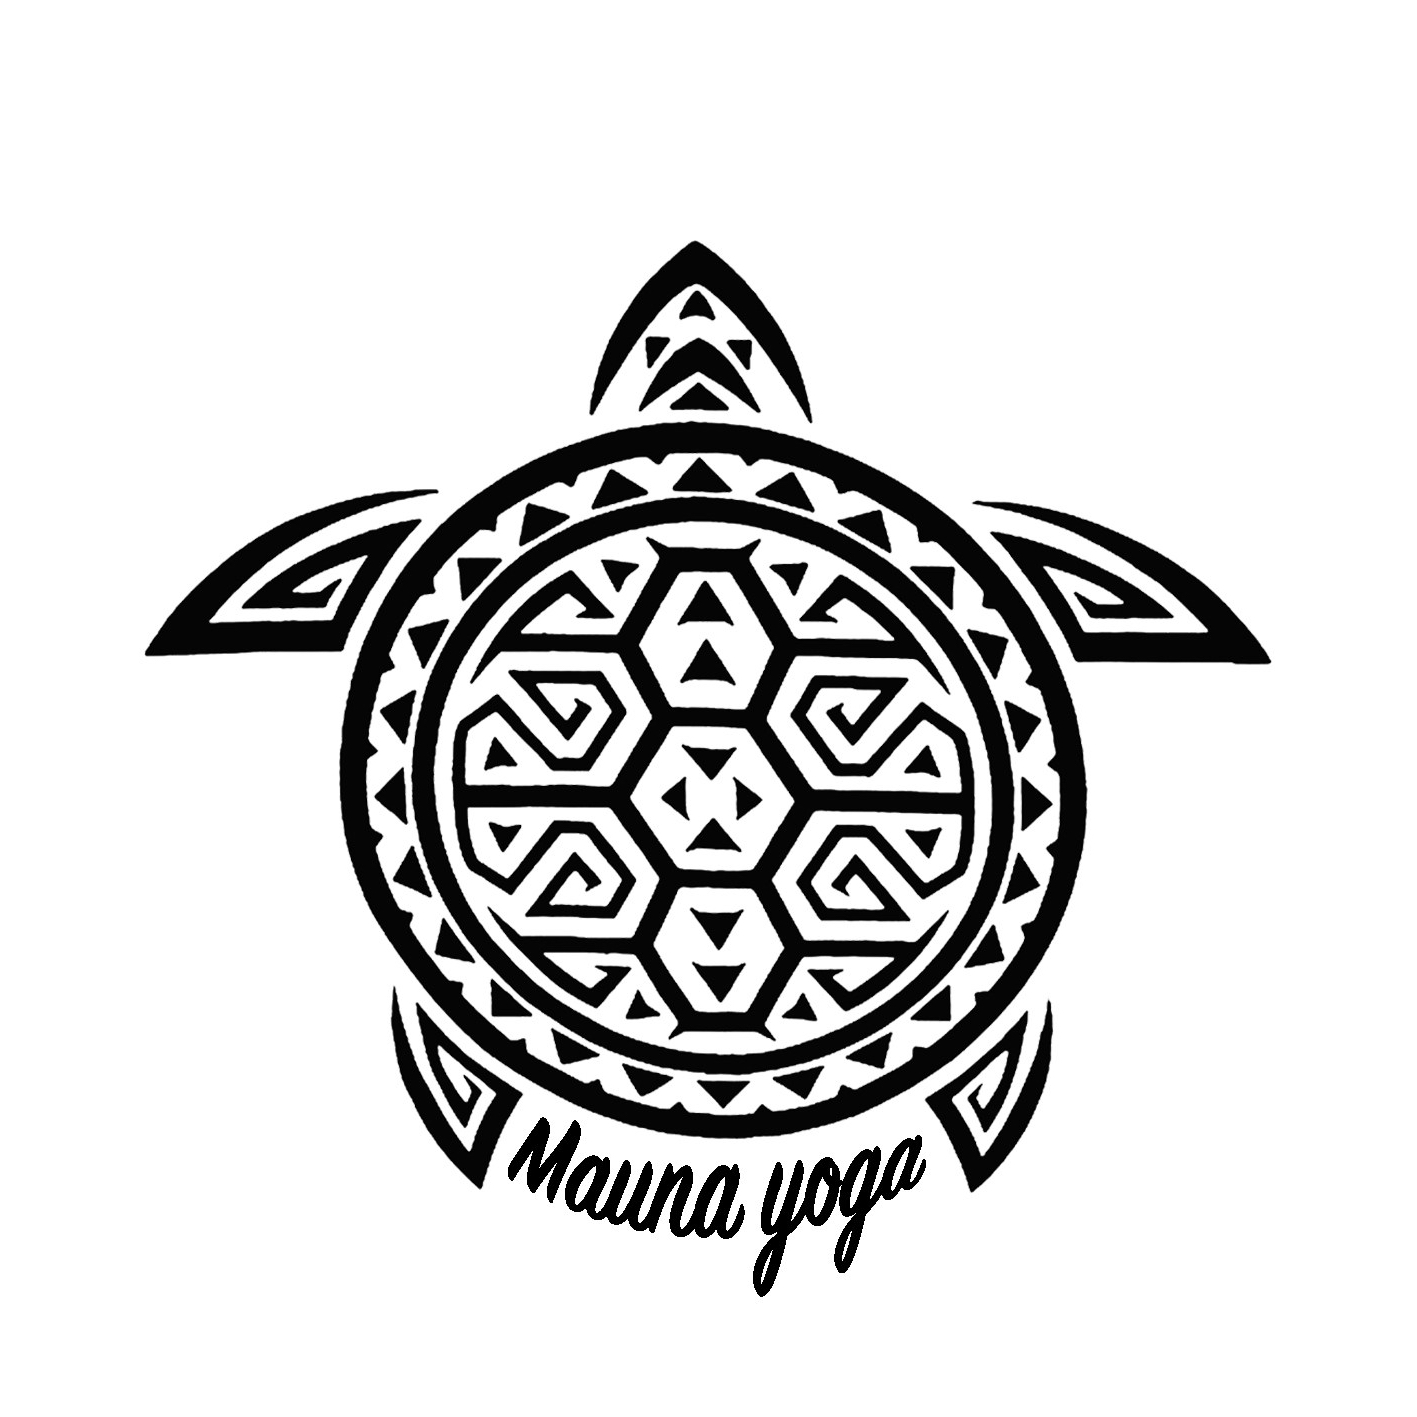 Mauna Yoga Chamonix